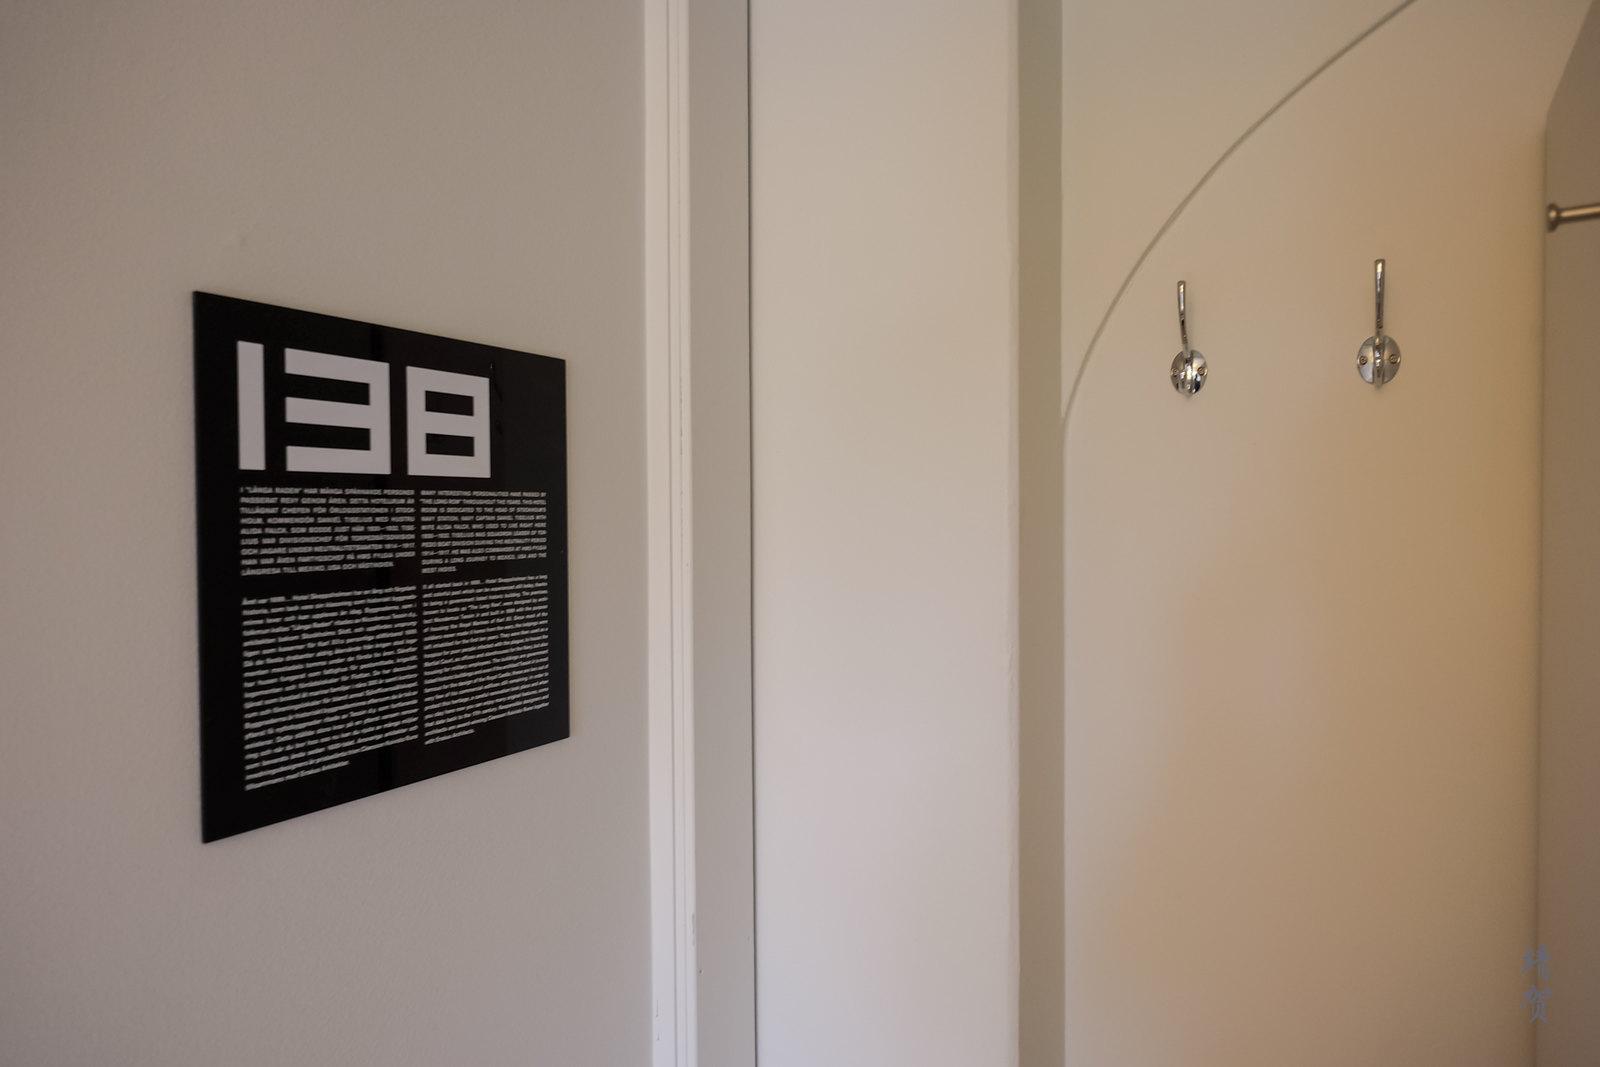 Room hangers